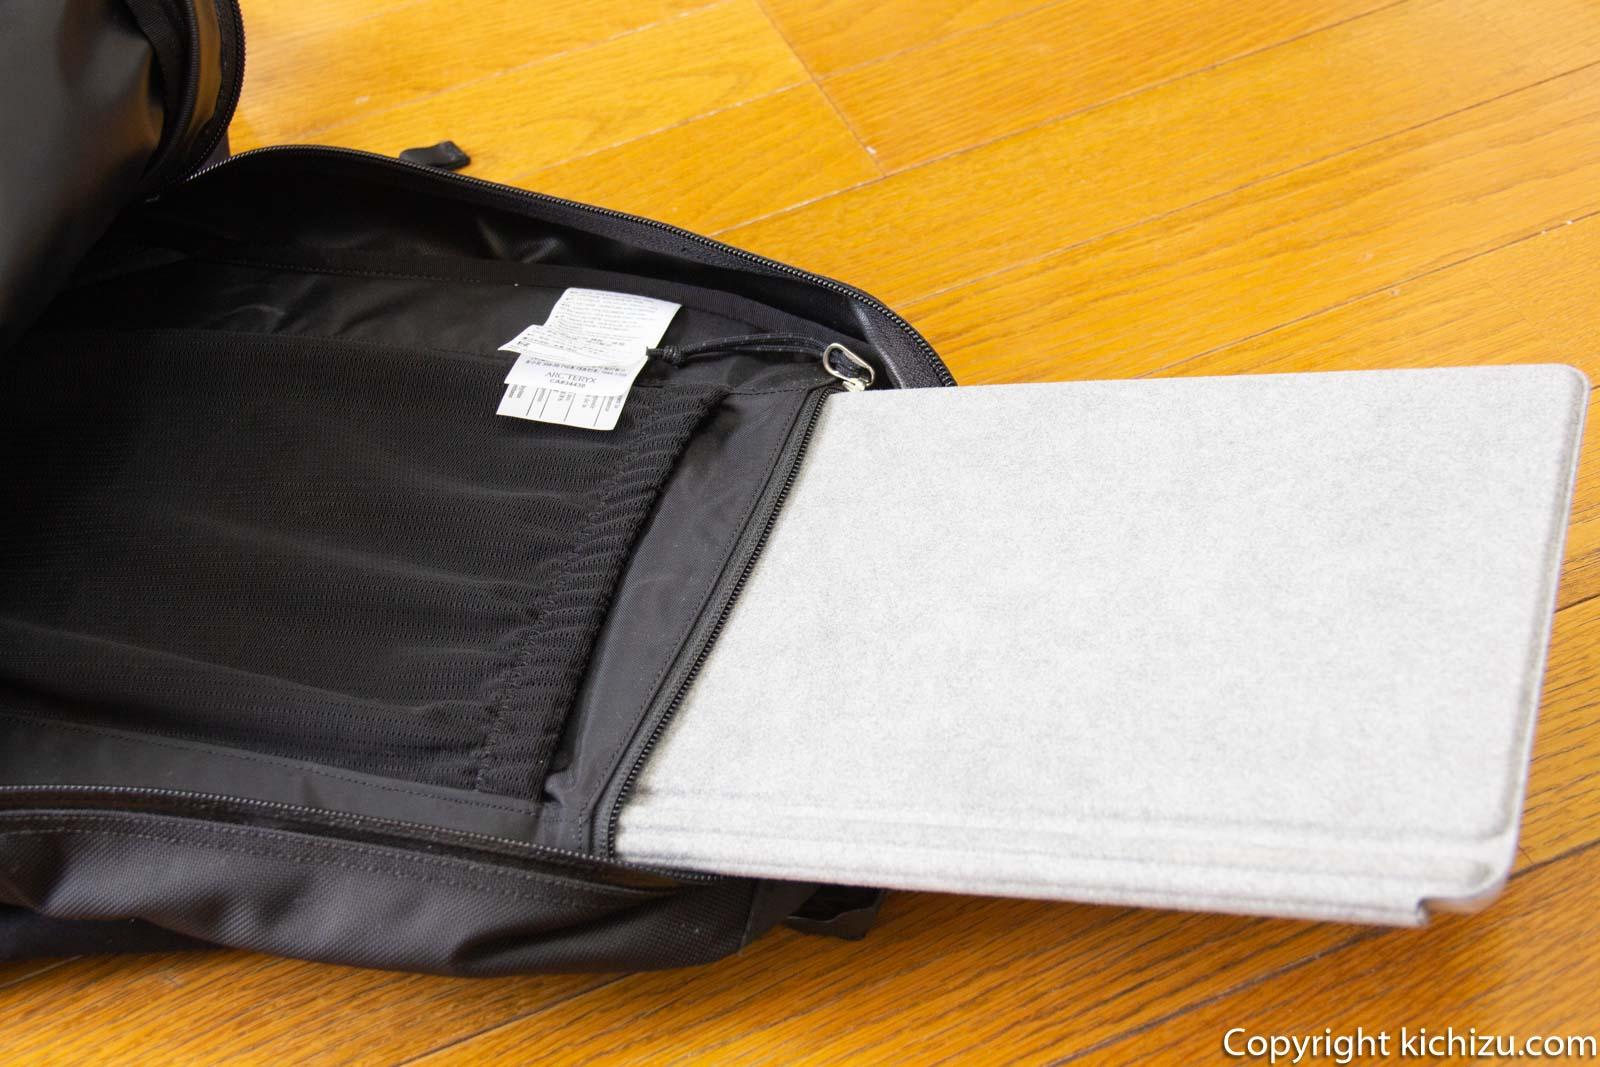 リュックの内ポケットにノートパソコンを縦に入れかける